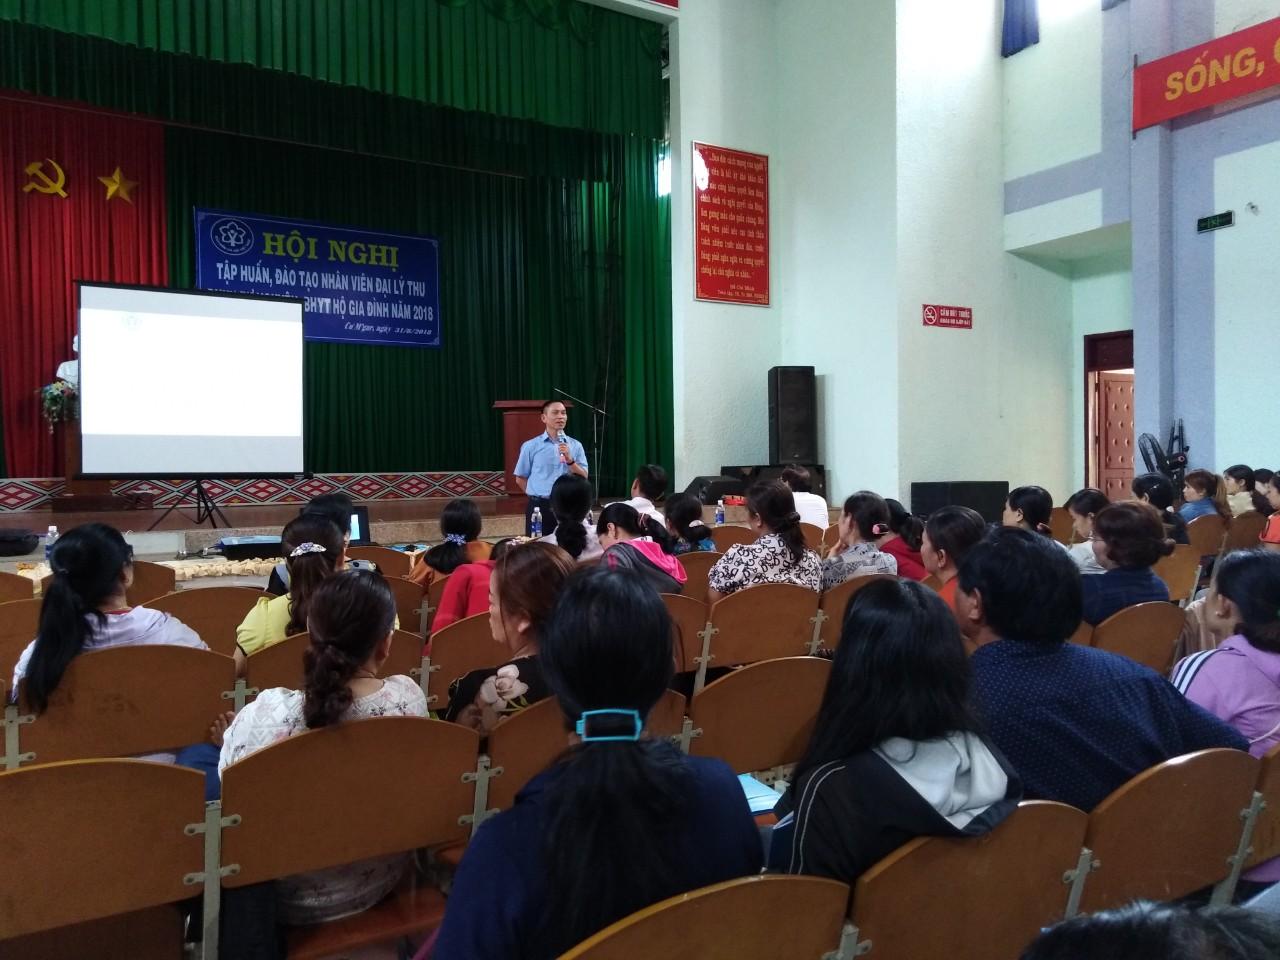 BHXH huyện Cư M'gar tổ chức Hội nghị tập huấn, đào tạo nhân viên đại lý thu BHXH tự nguyện, BHYT hộ gia đình